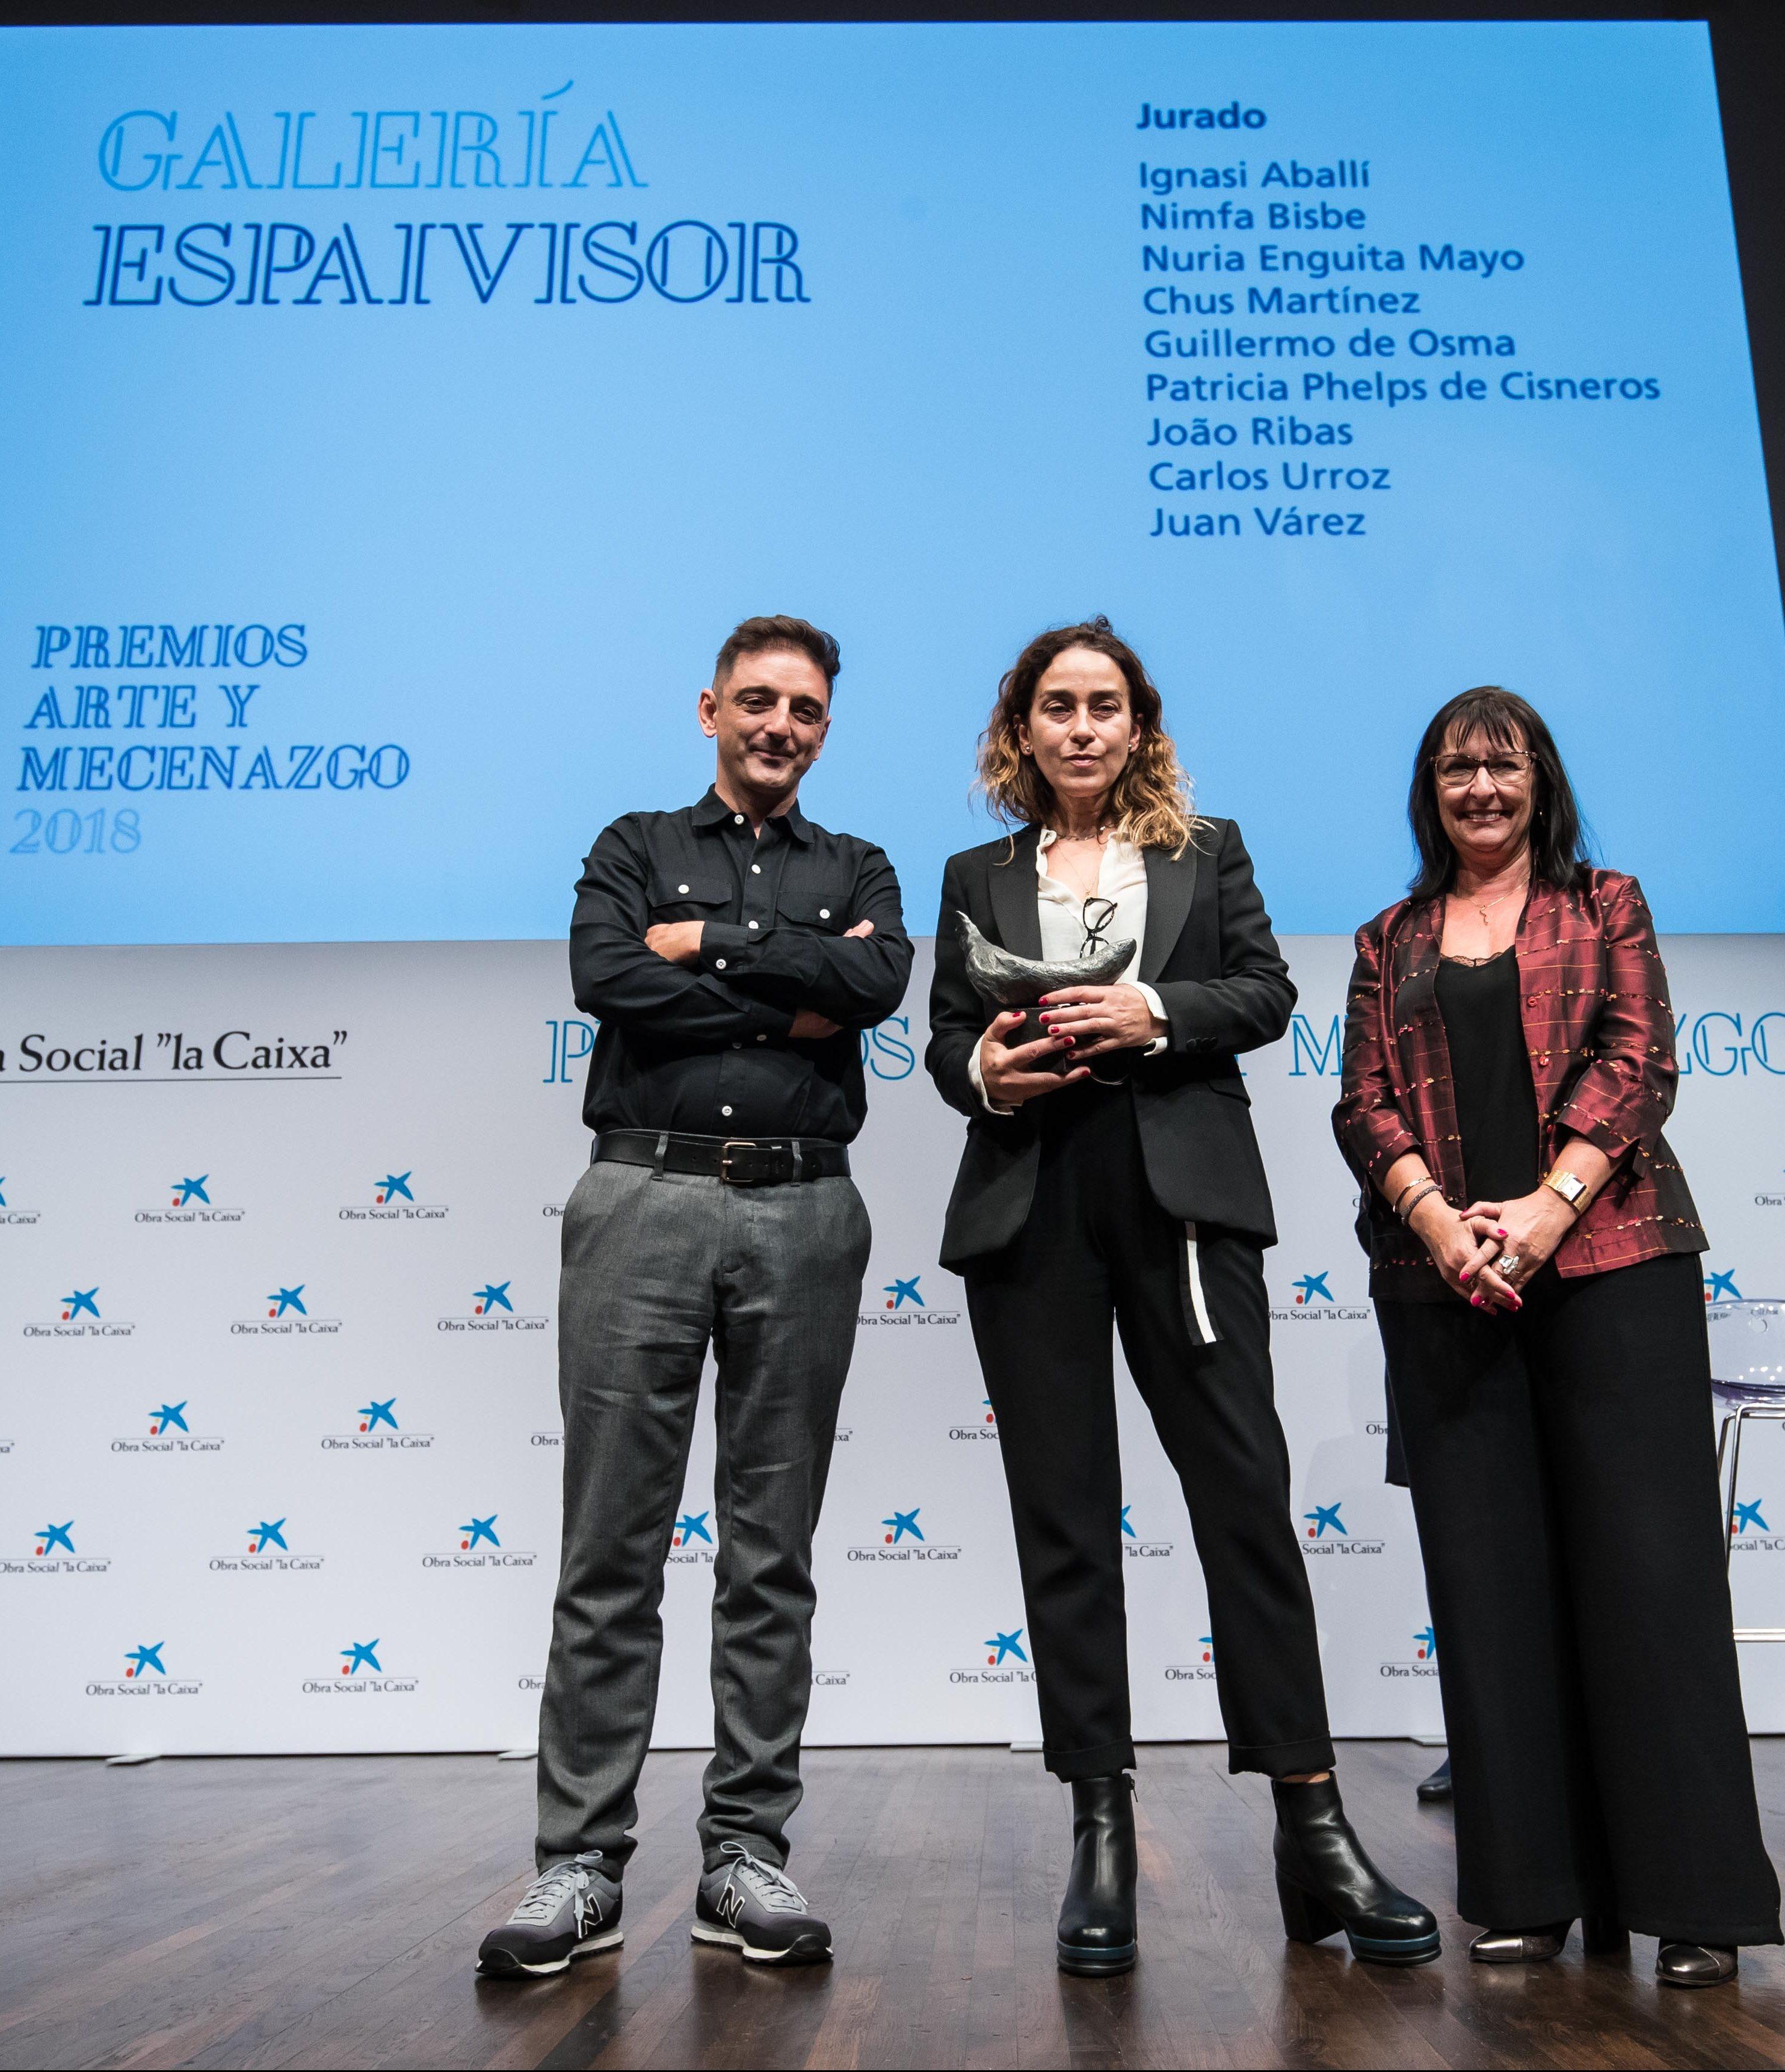 Entrega Premios Arte y Mecenazgo 2018 a Galaería EspaiVisor – OS la Caix…